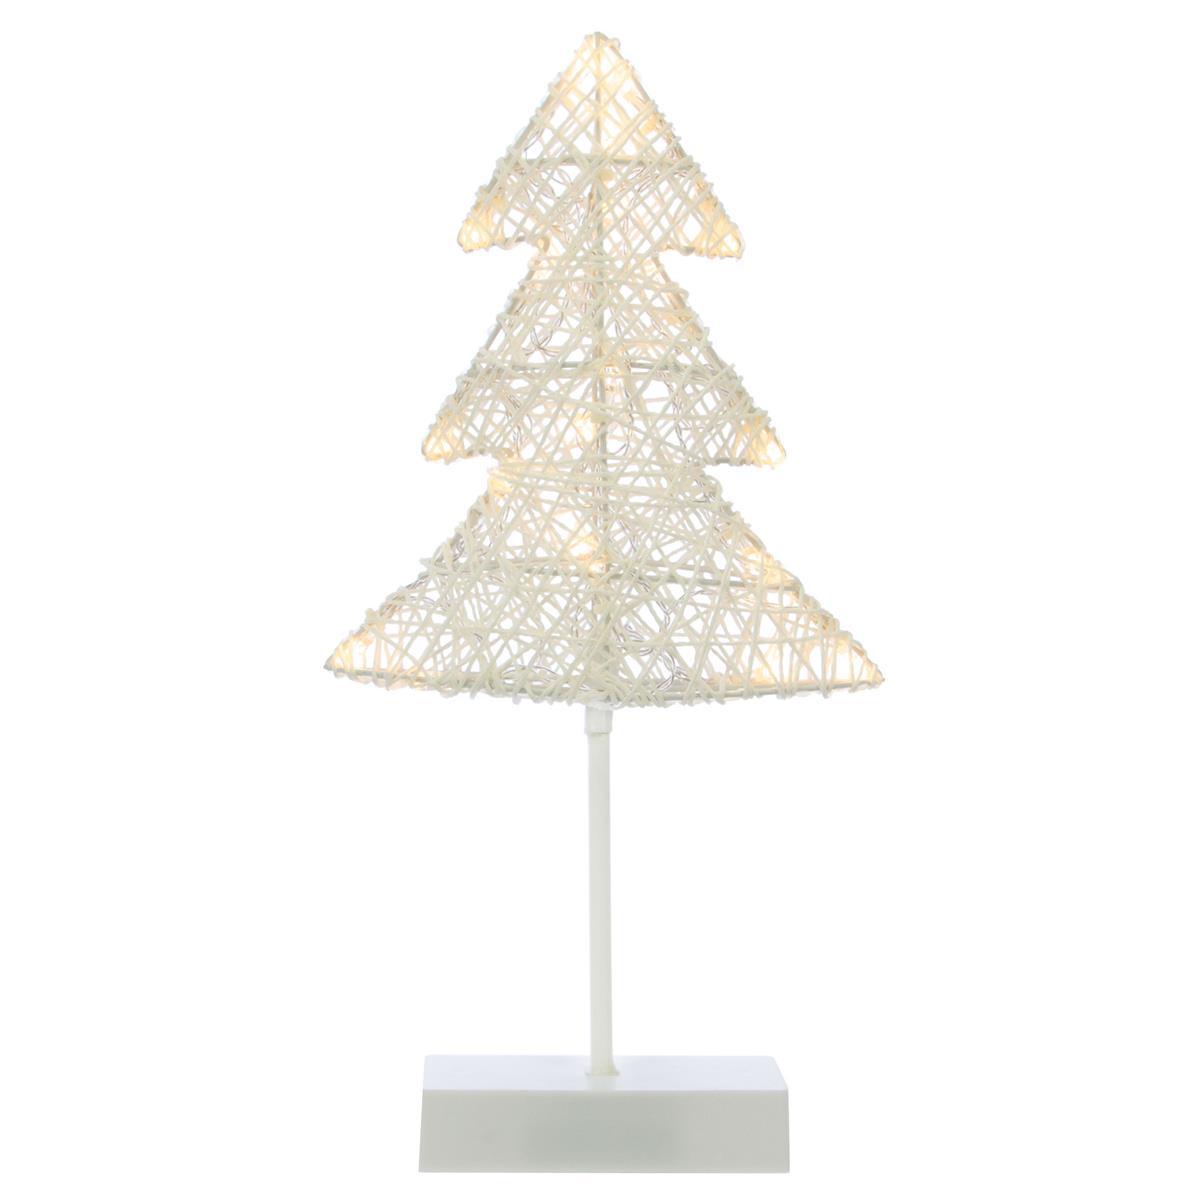 20 LED Dekoleuchte Baum in Rattanoptik warmweiß Weihnachtsdeko Standleuchte 40cm